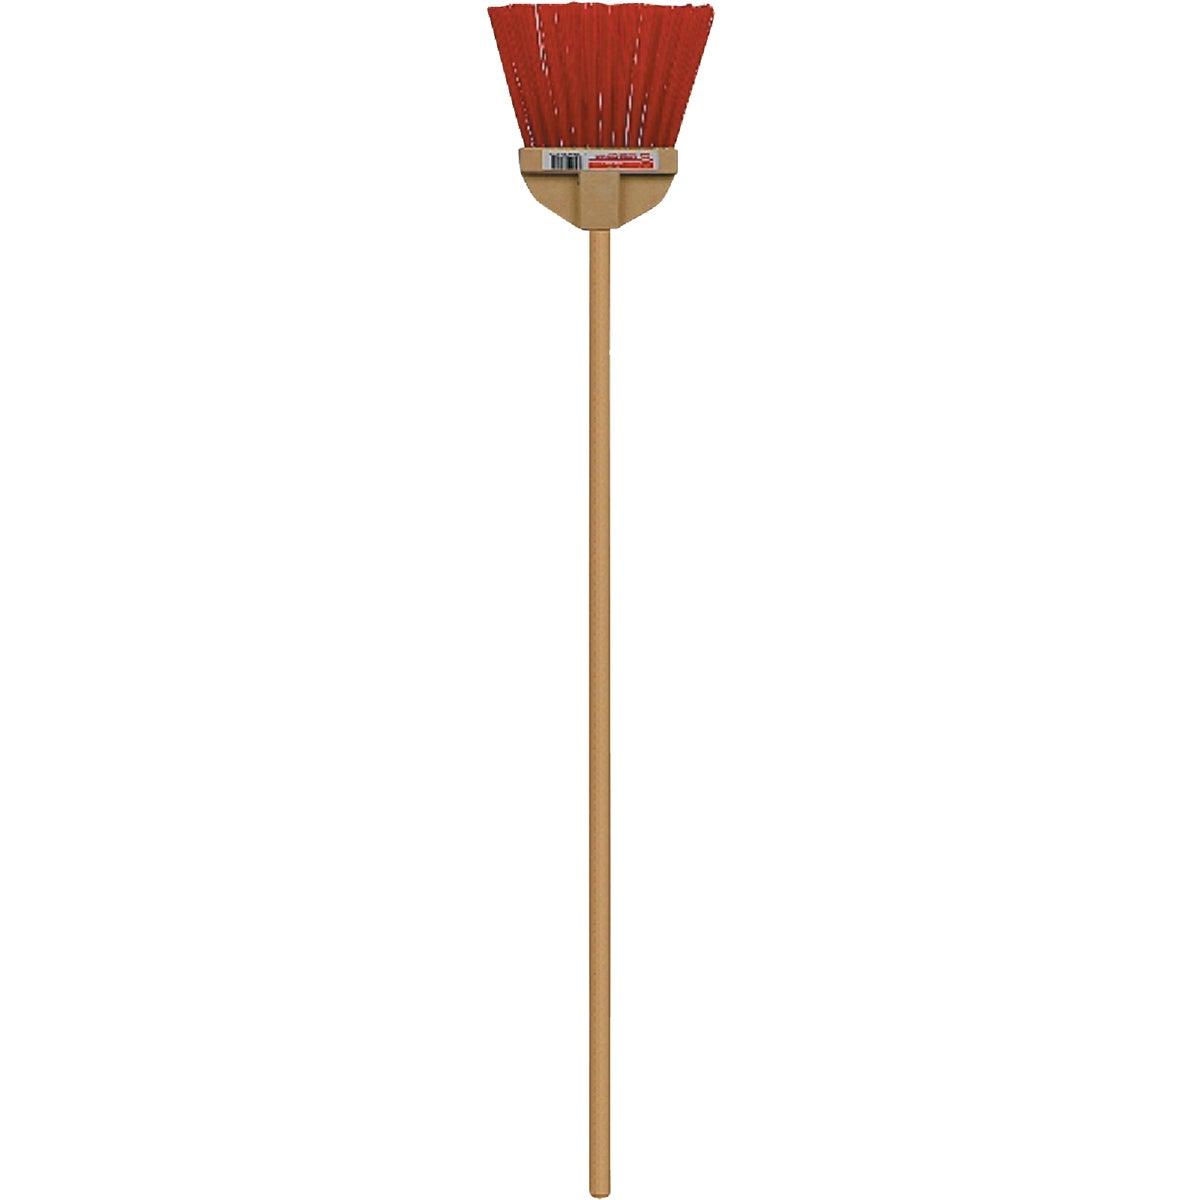 Sand Lobby Broom